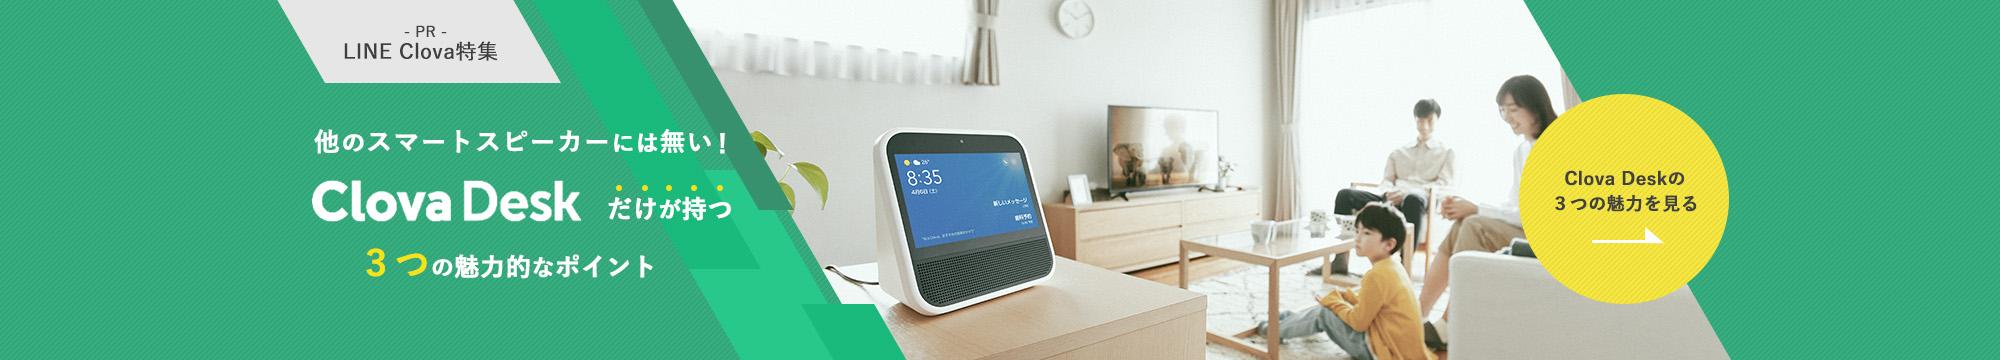 Clova Desk PRバナー